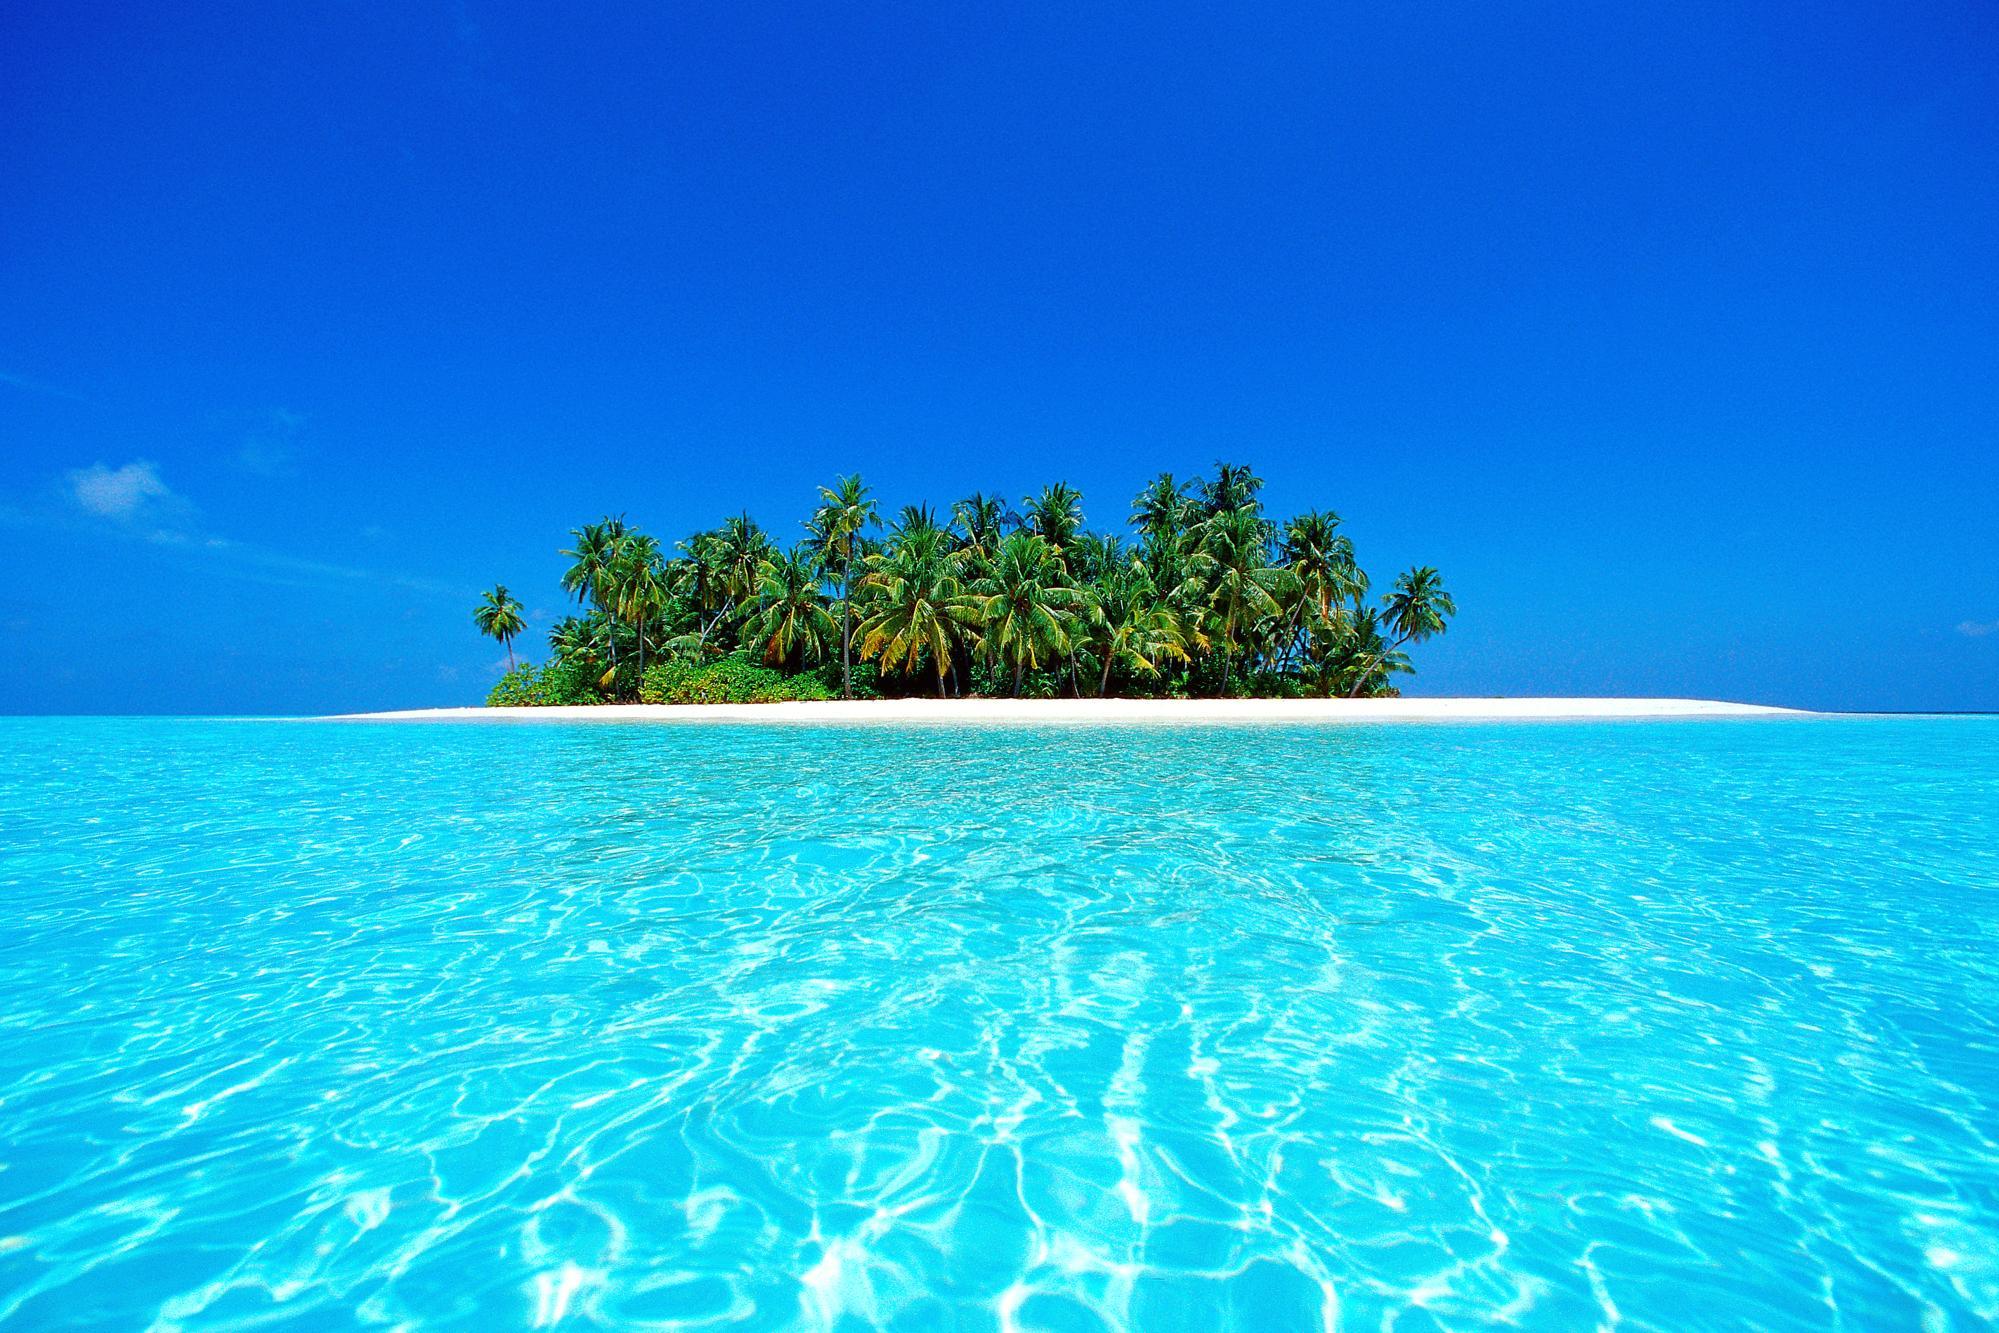 جزیره ای در مالدیو